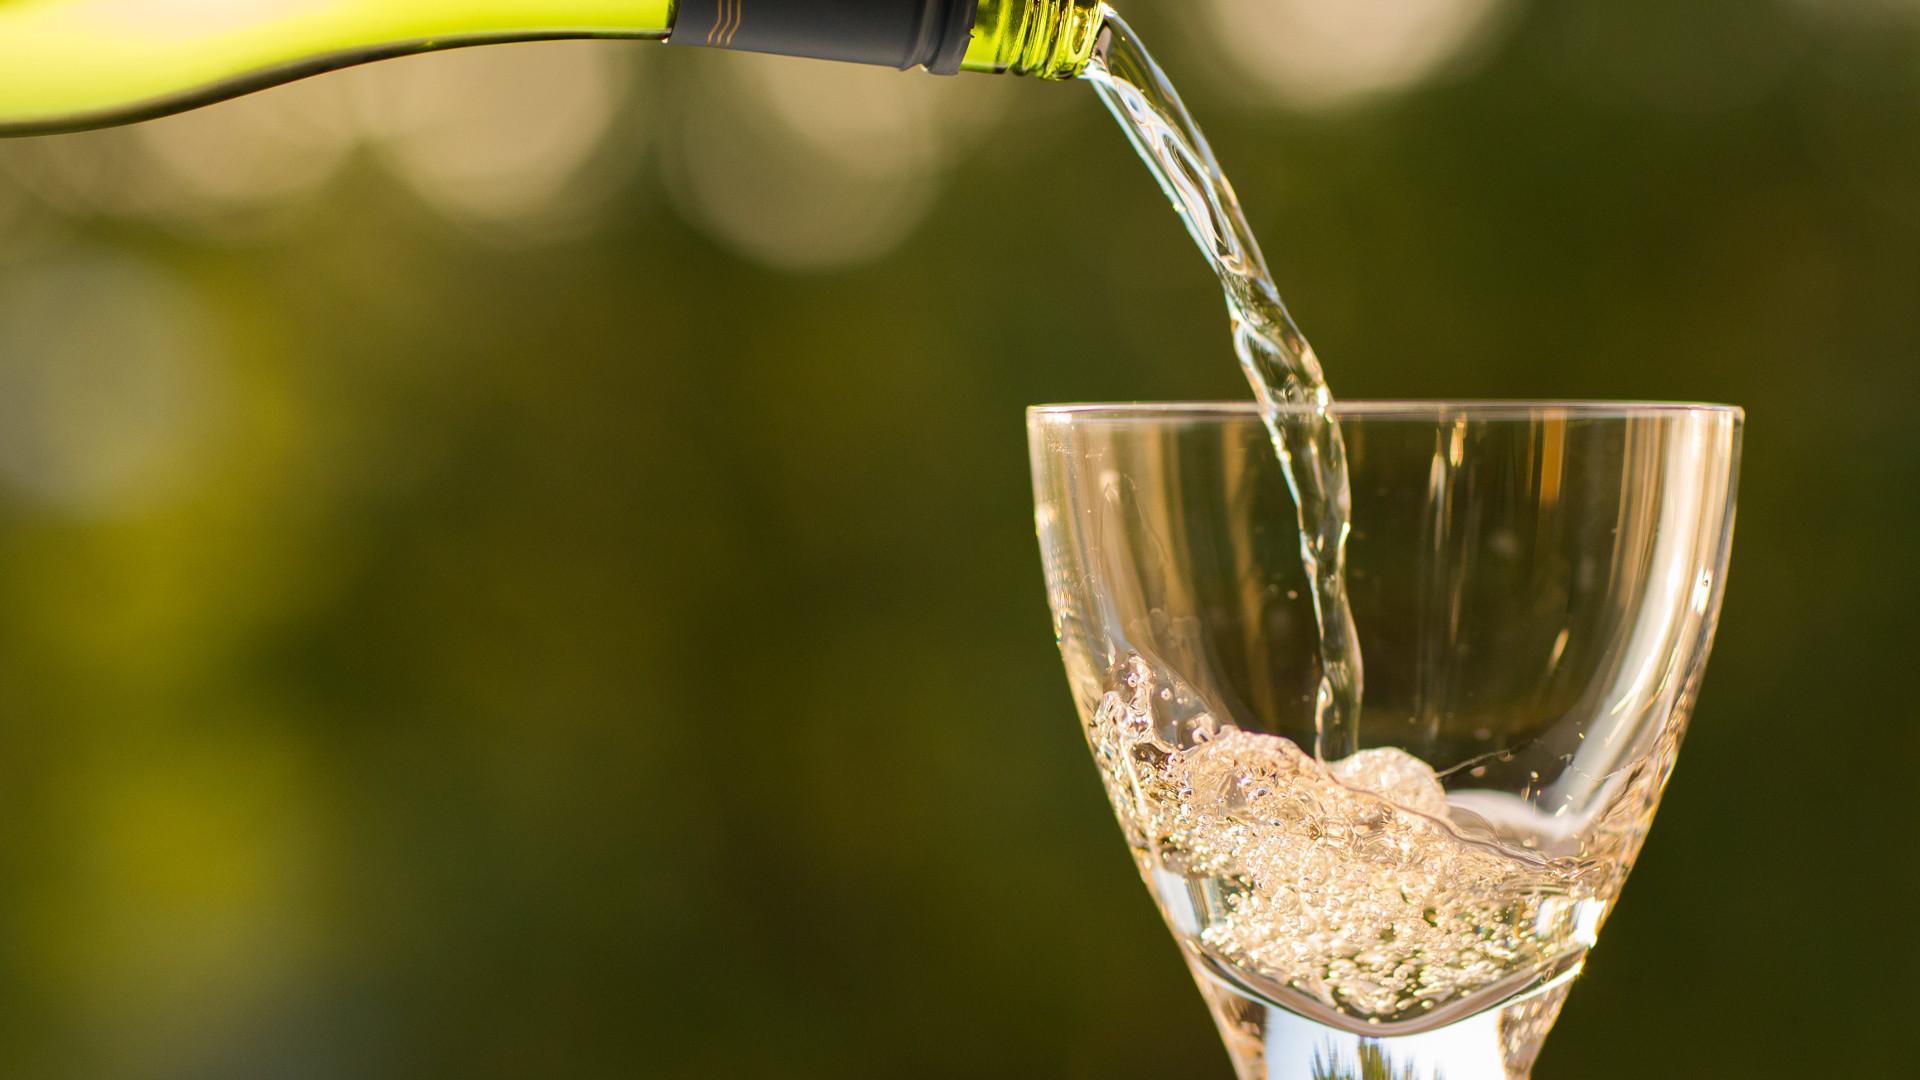 investigadores-afirman-que-beber-alcohol-podría-mejorar-la-memoria-1920